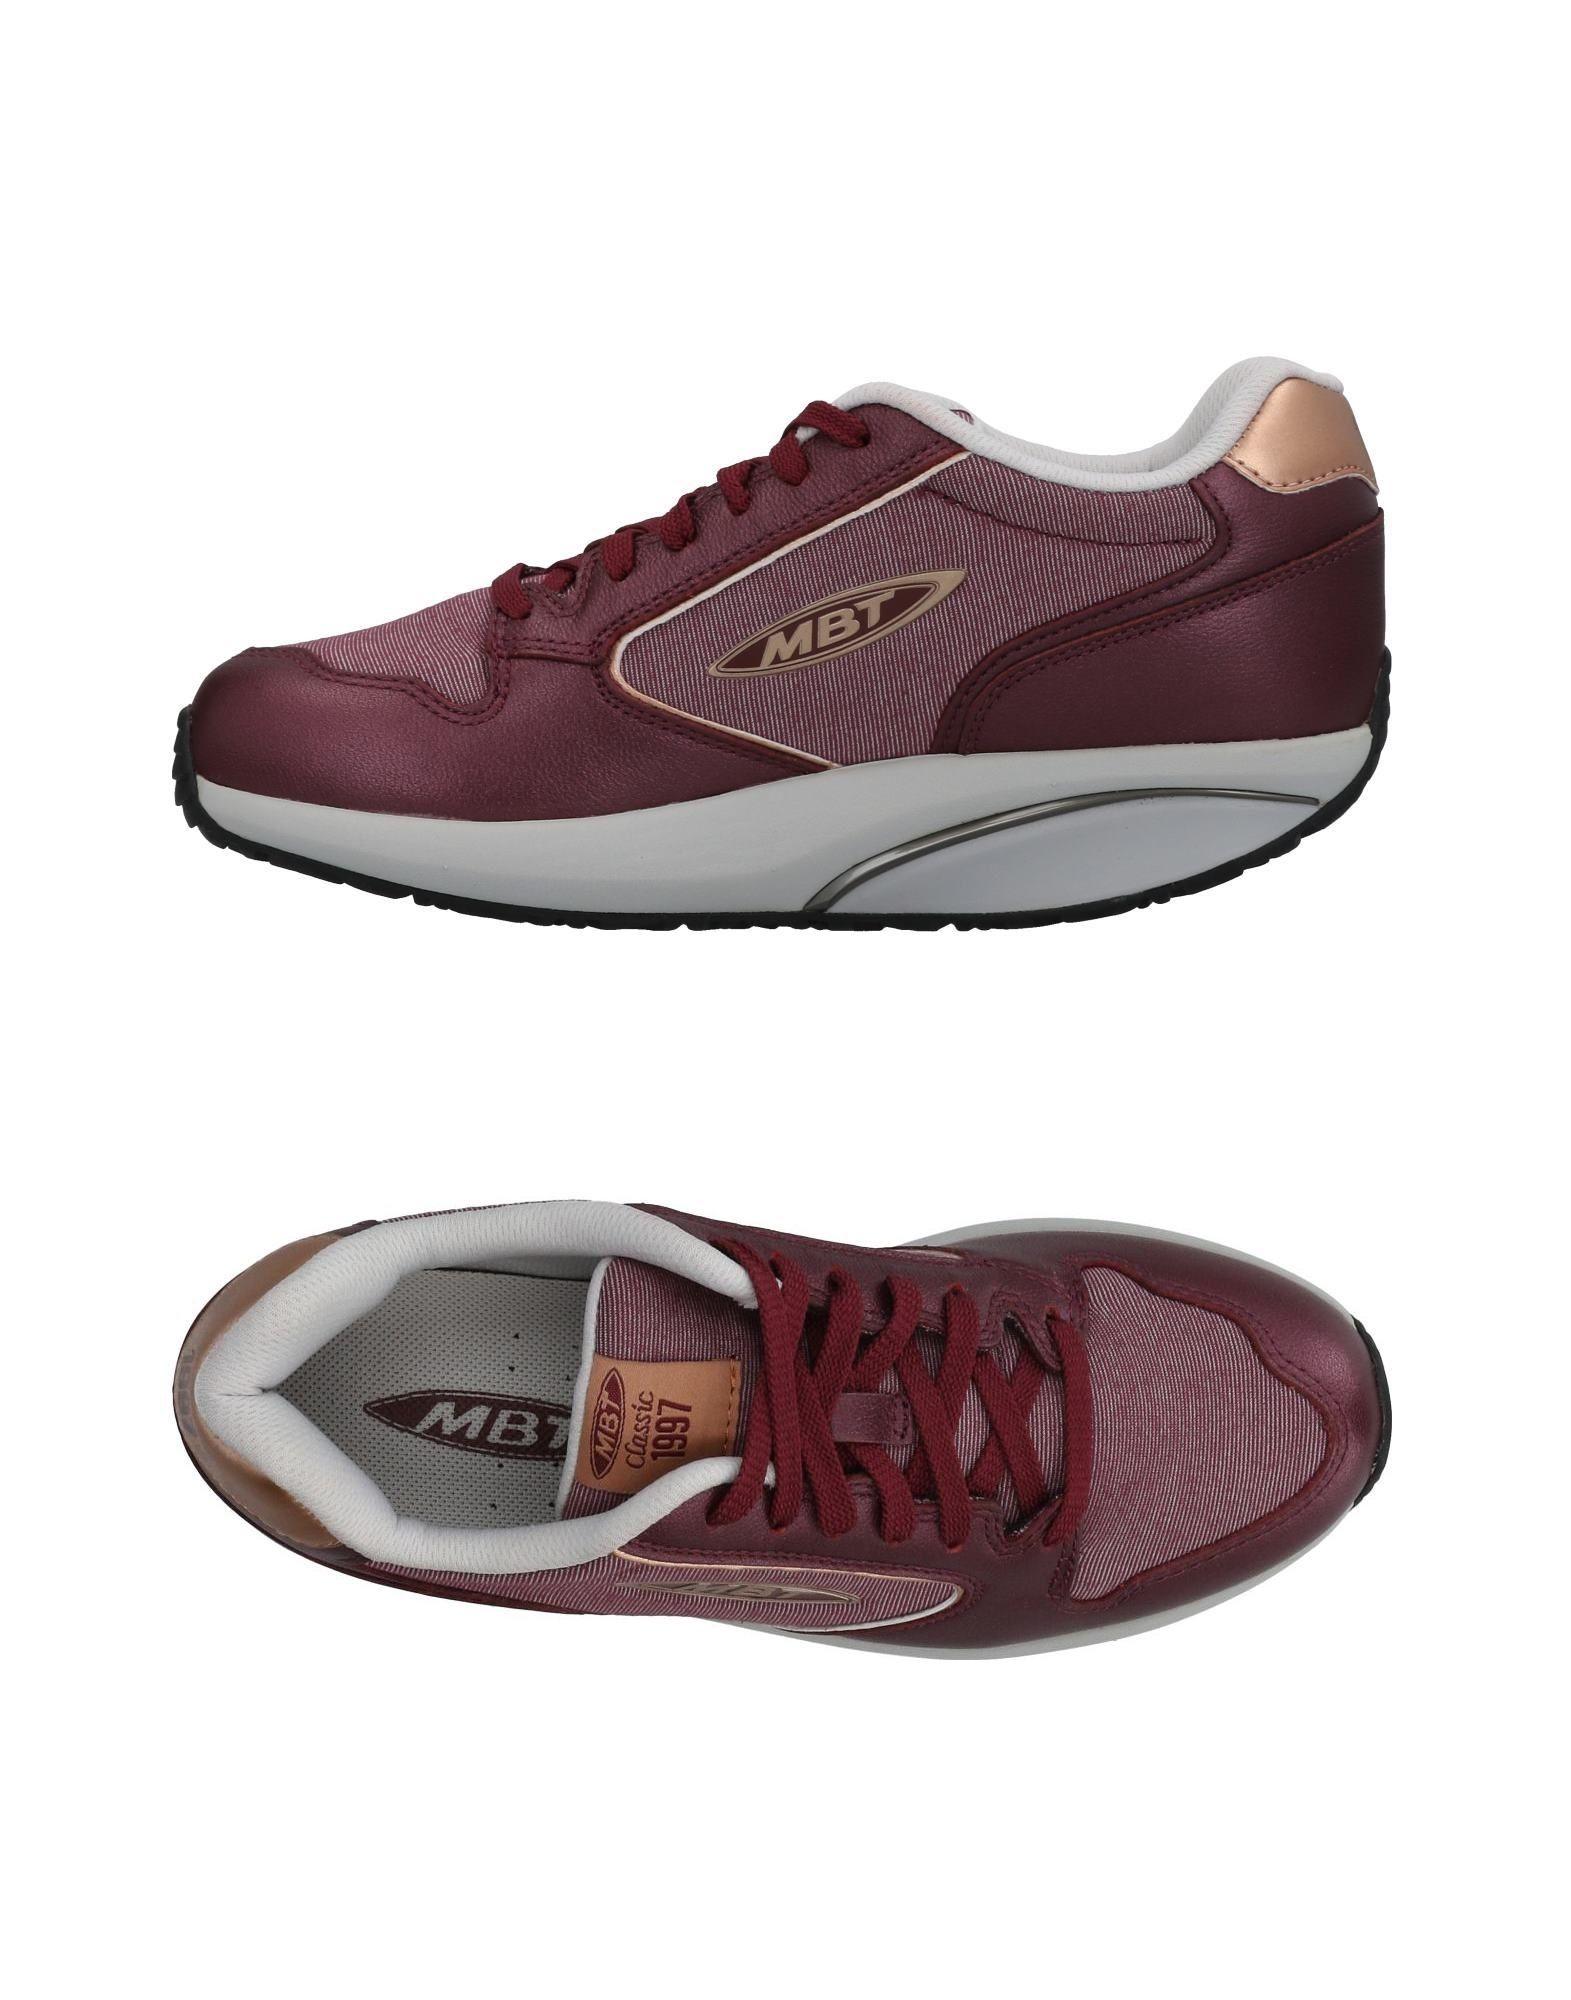 Scarpe economiche e resistenti Sneakers Mbt Donna - 11458285JD